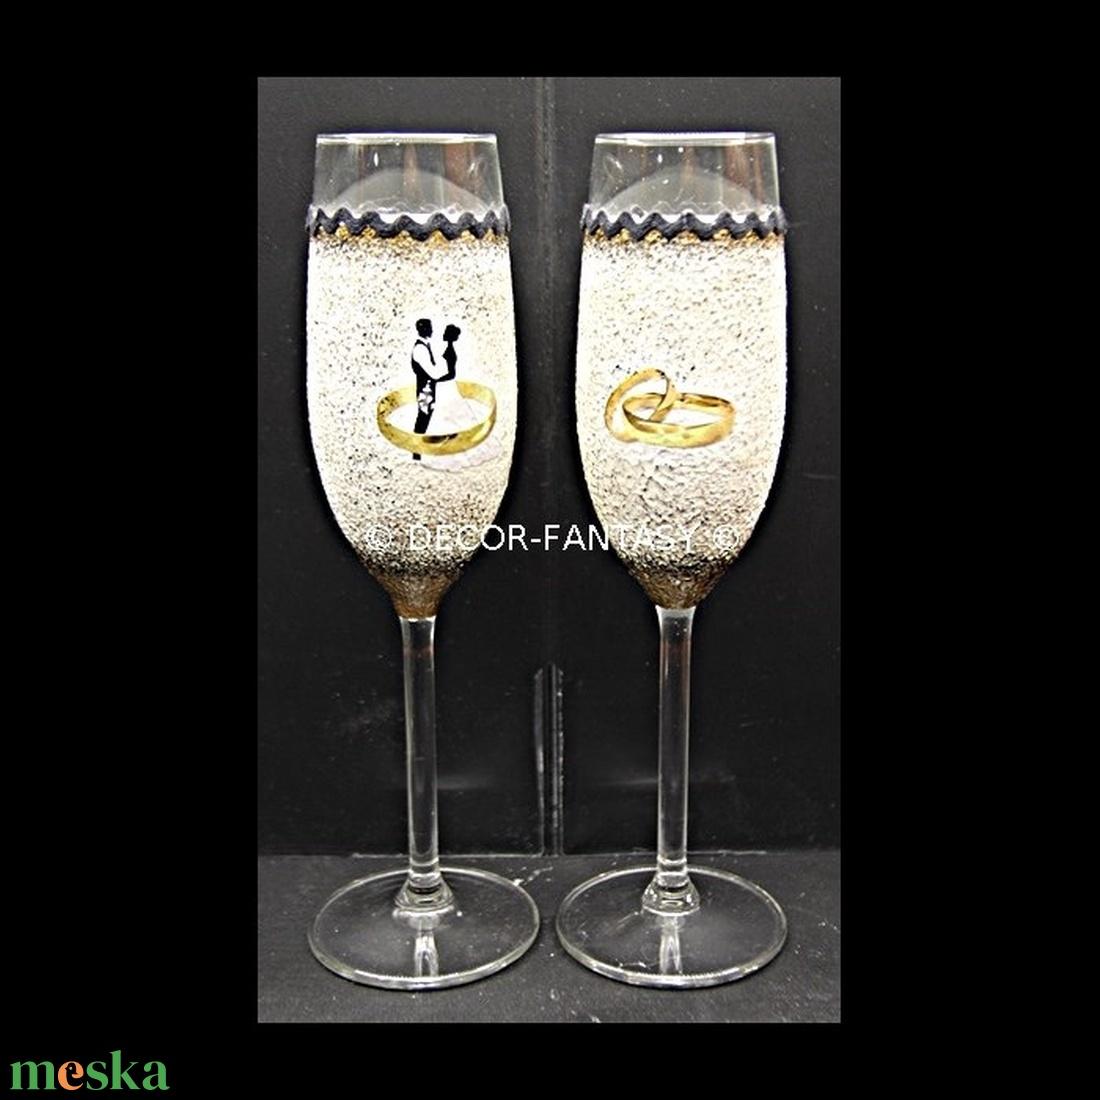 Egyedi NÉVRE szólóan és SAJÁT FOTÓVAL  is elkészíthető minőségi  pezsgős poharak ( legény -és leány búcsúra -esküvőre ) (decorfantasy) - Meska.hu